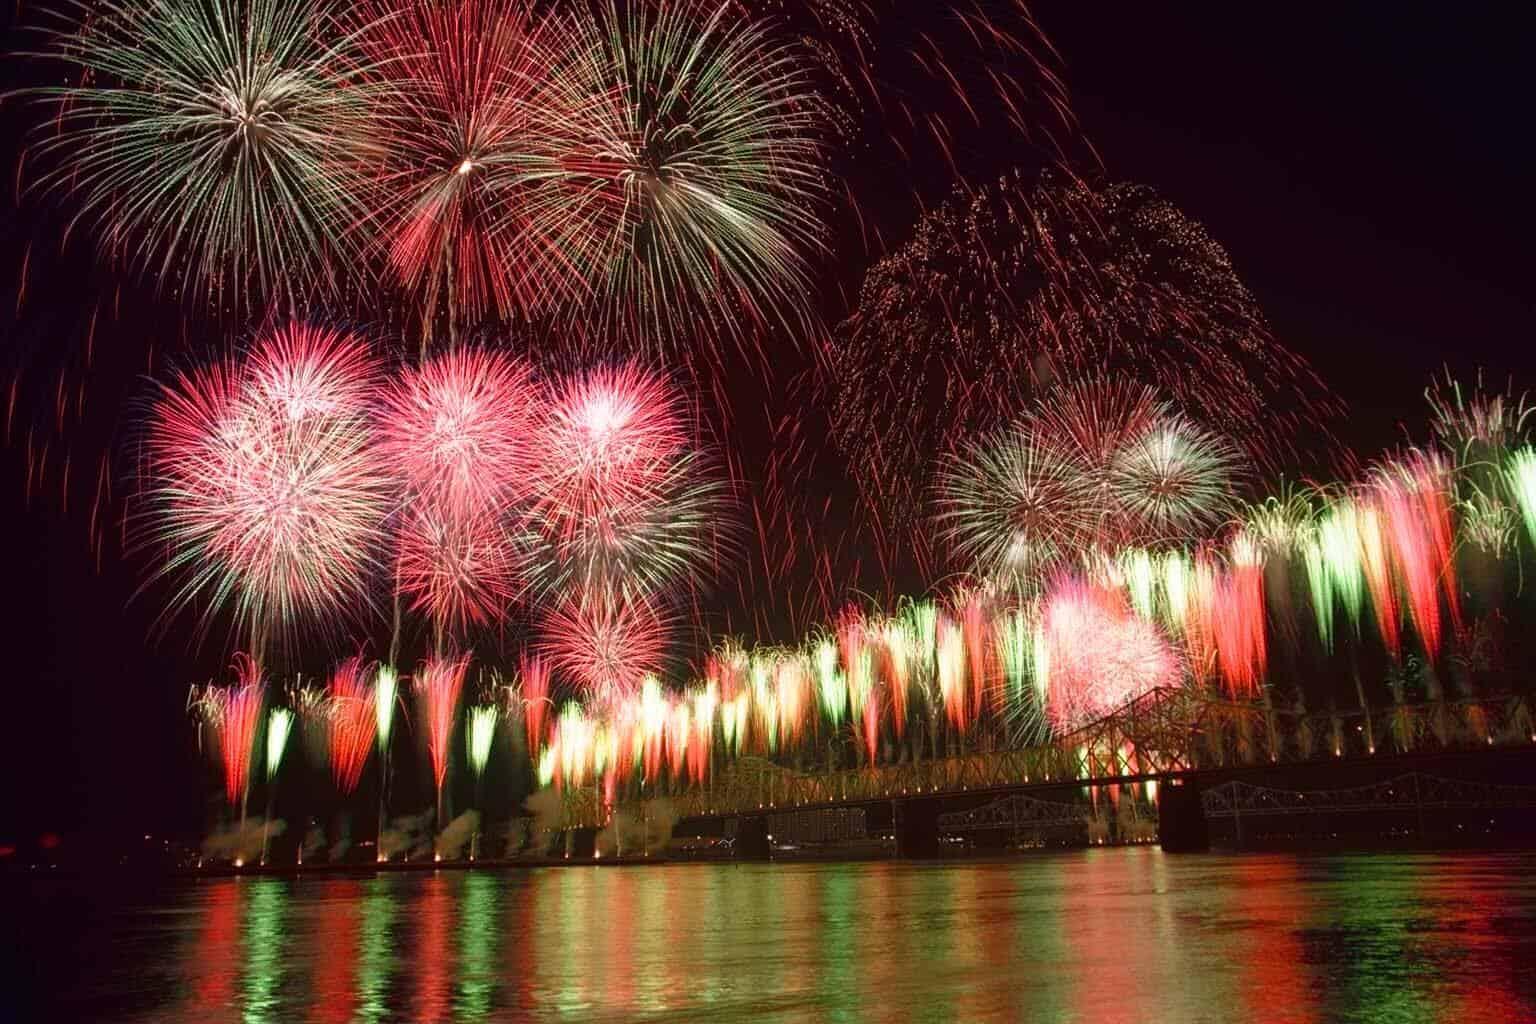 Louisville fireworks - Kentucky Derby Festival